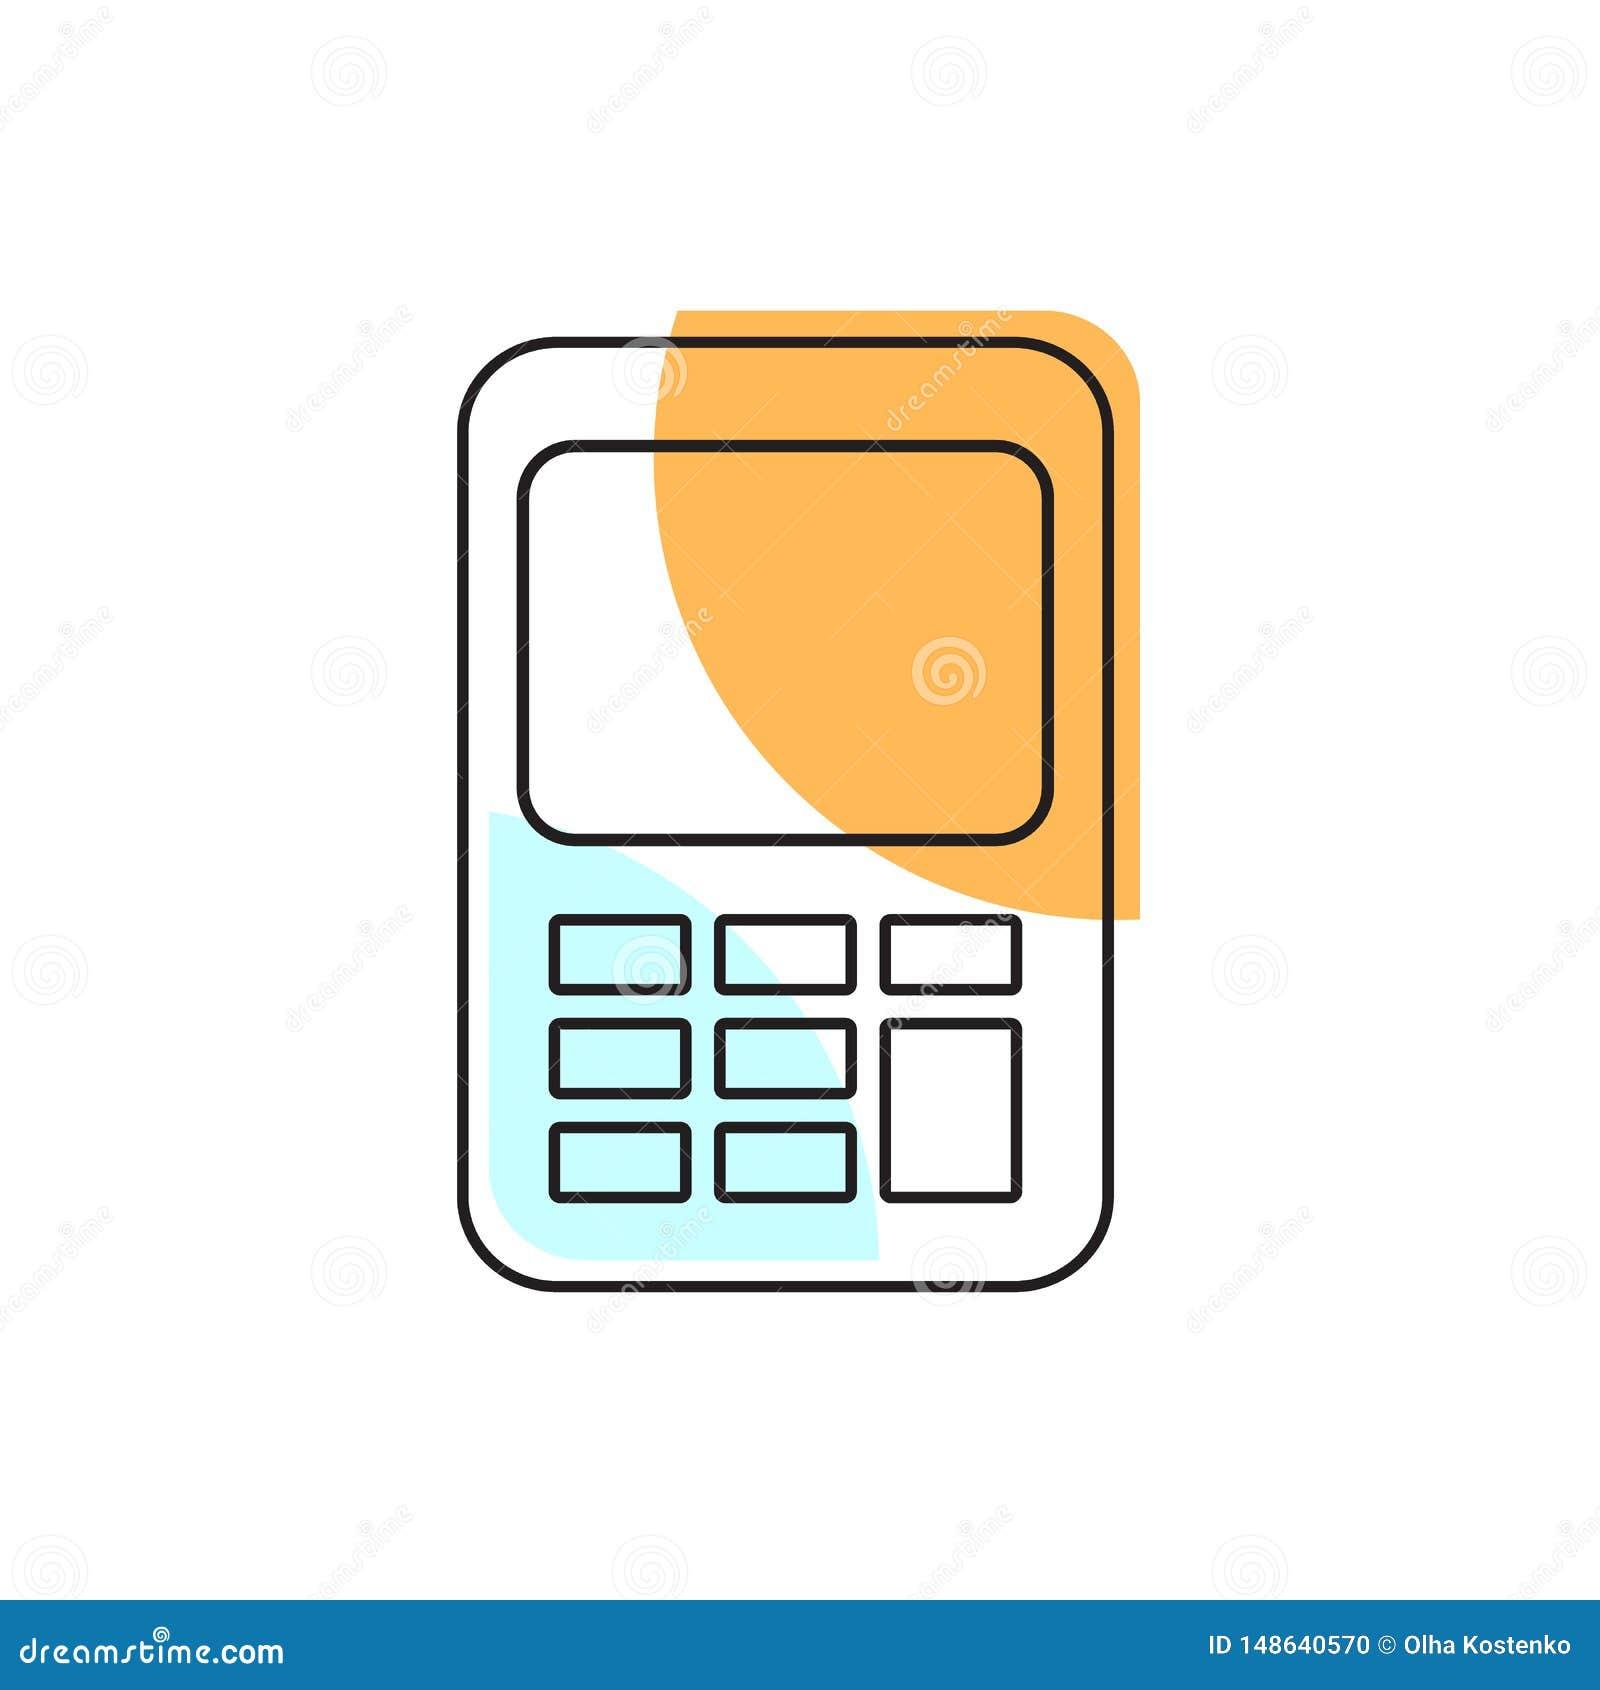 Calculator icon. School Element for design